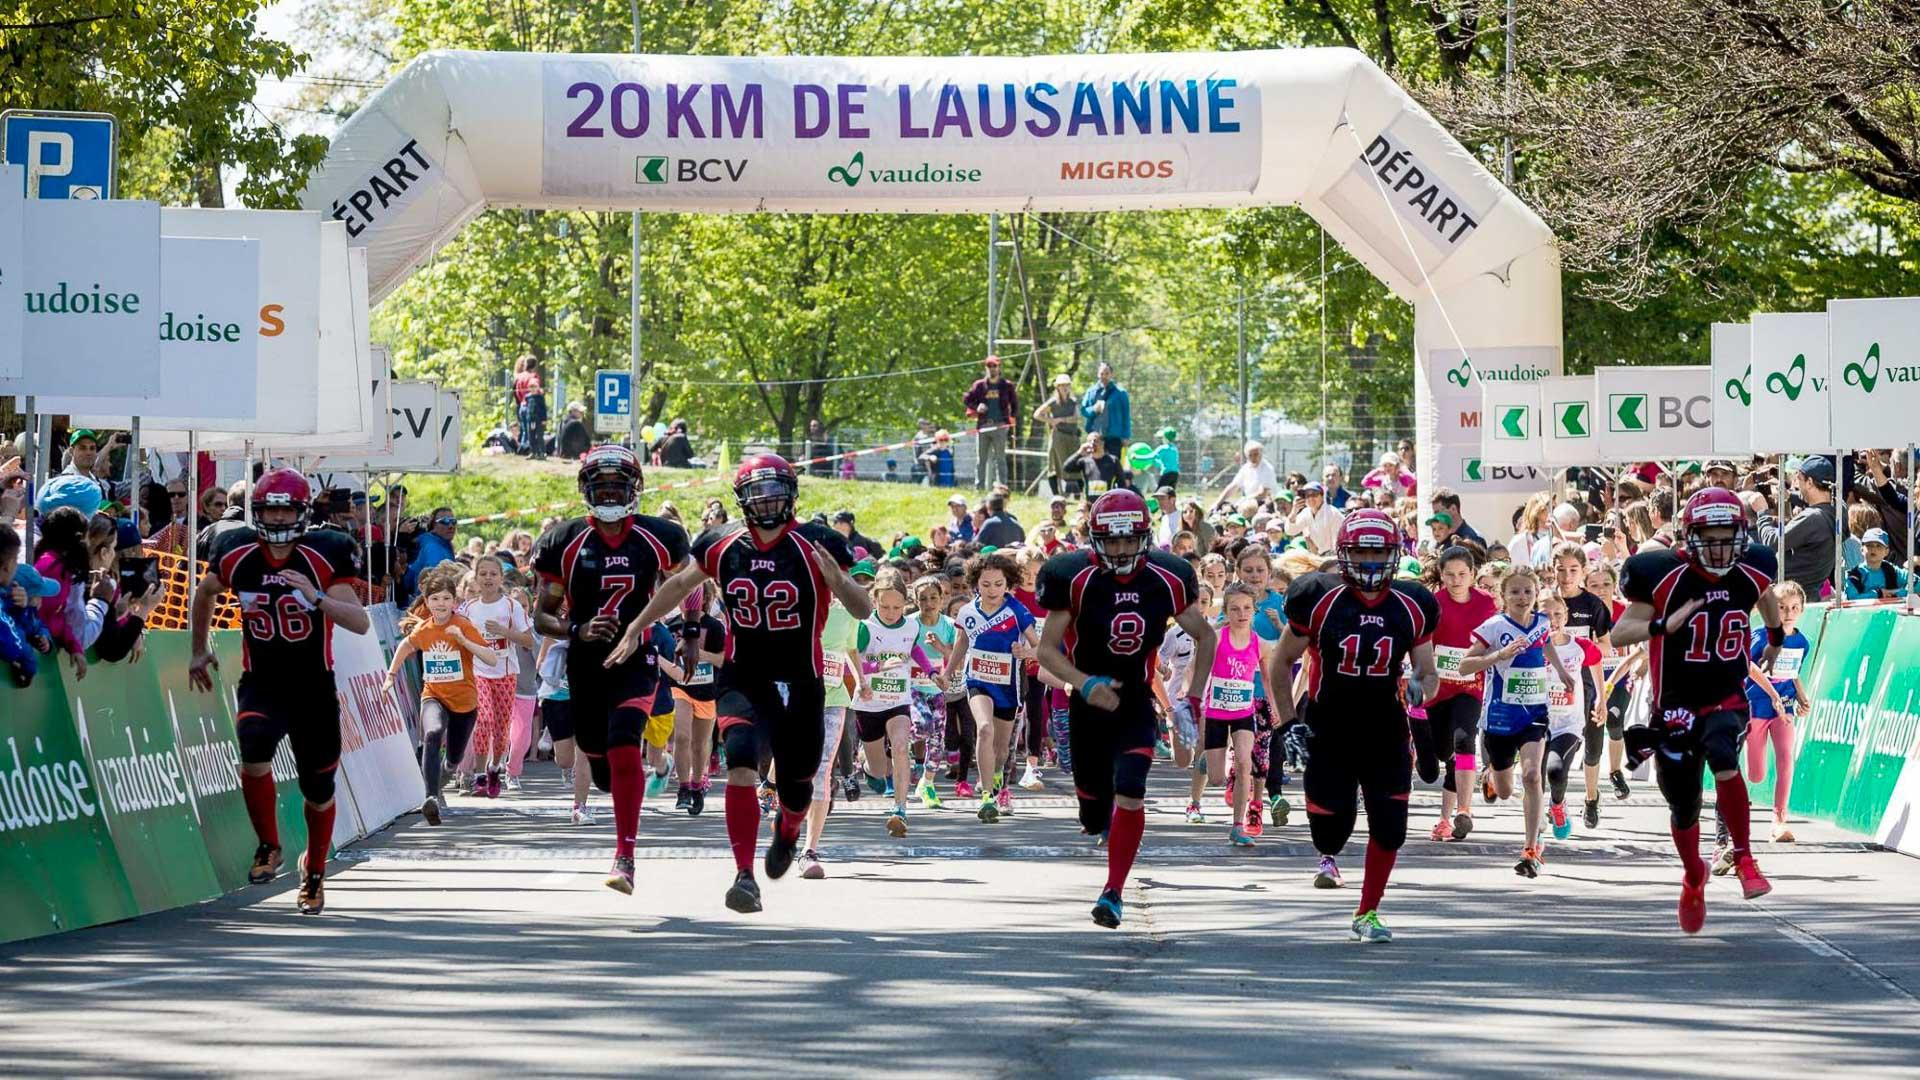 Les 20KM de Lausanne, une course qui rassemble des dizaines de milliers de coureurs © Florian Aeby